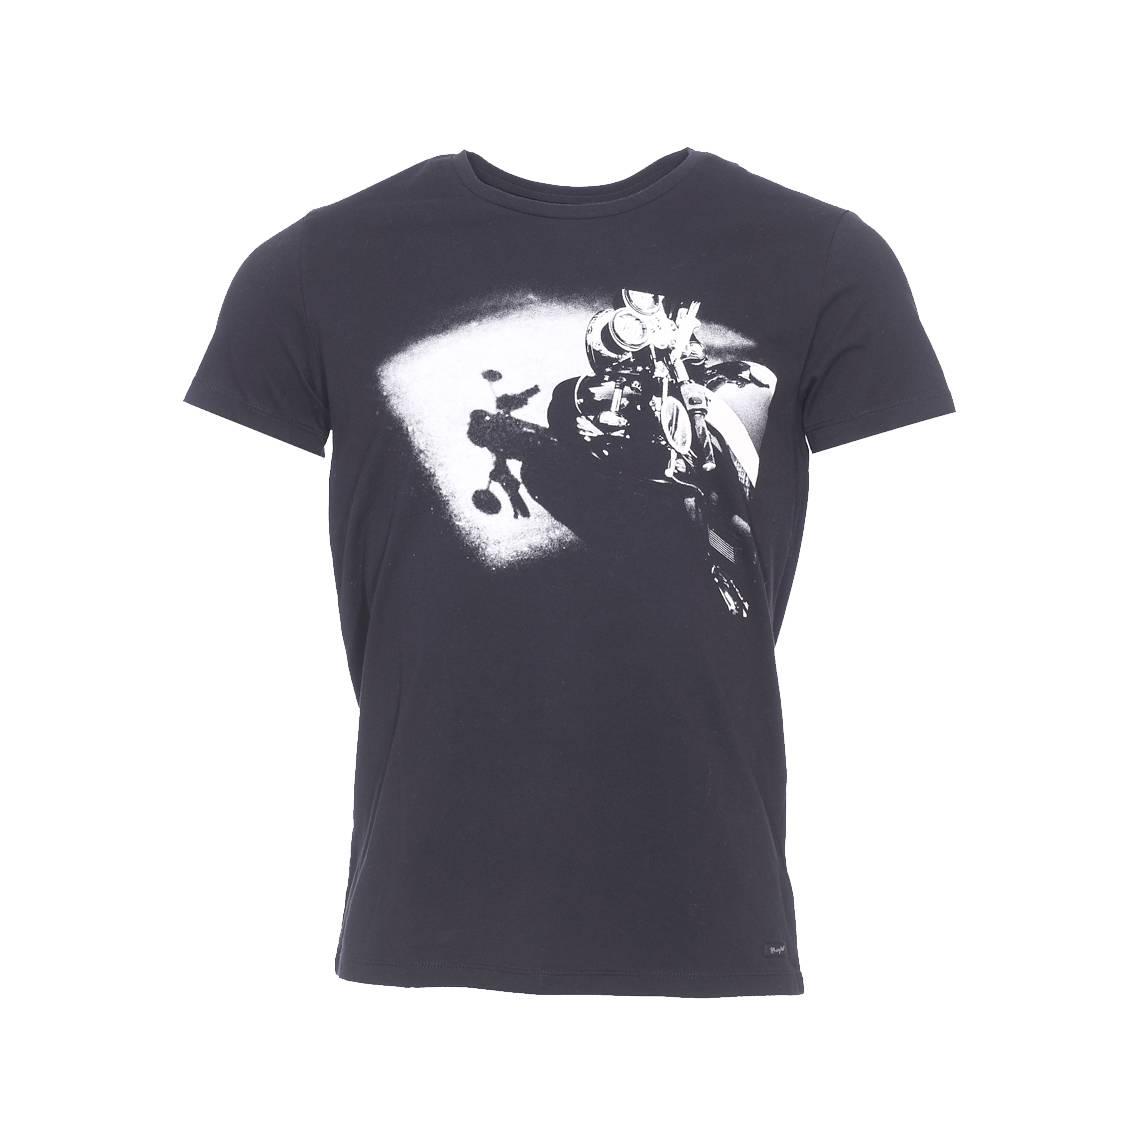 Tee shirt col rond  en coton noir imprimé à l\'avant